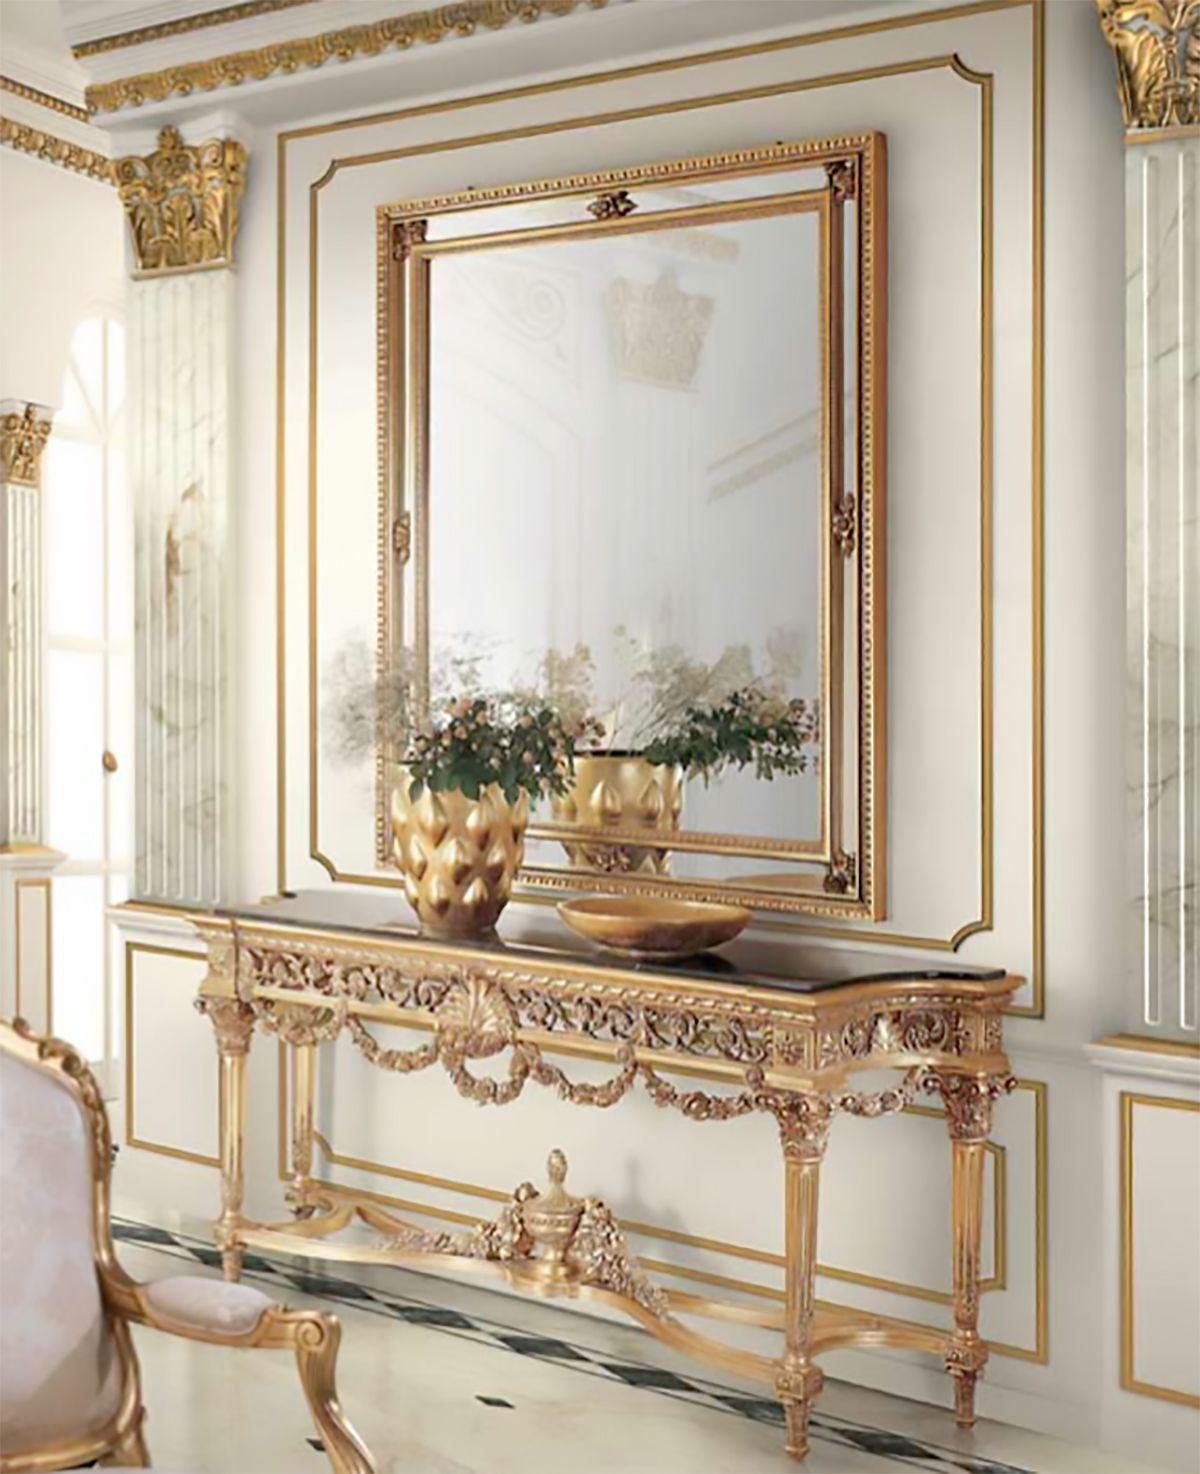 Console Avec Miroir Meubles De Luxe Buffet Ou Console  # Console Colore Ameublement